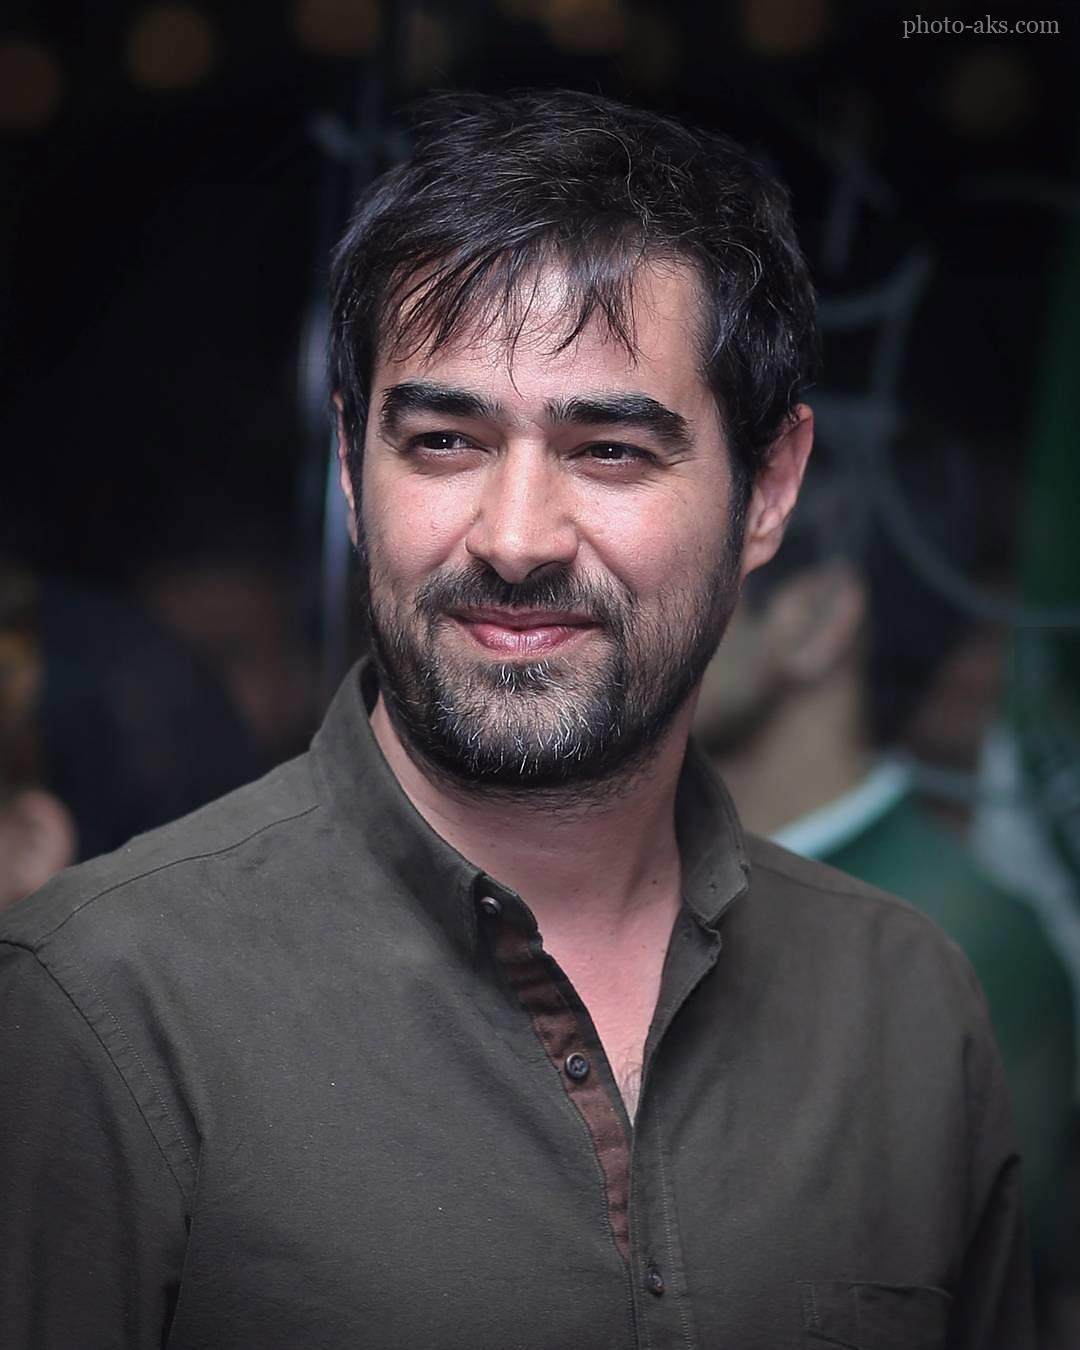 چرا شهاب حسینی در جشن حافظ حضور نداشت؟ +فیلم